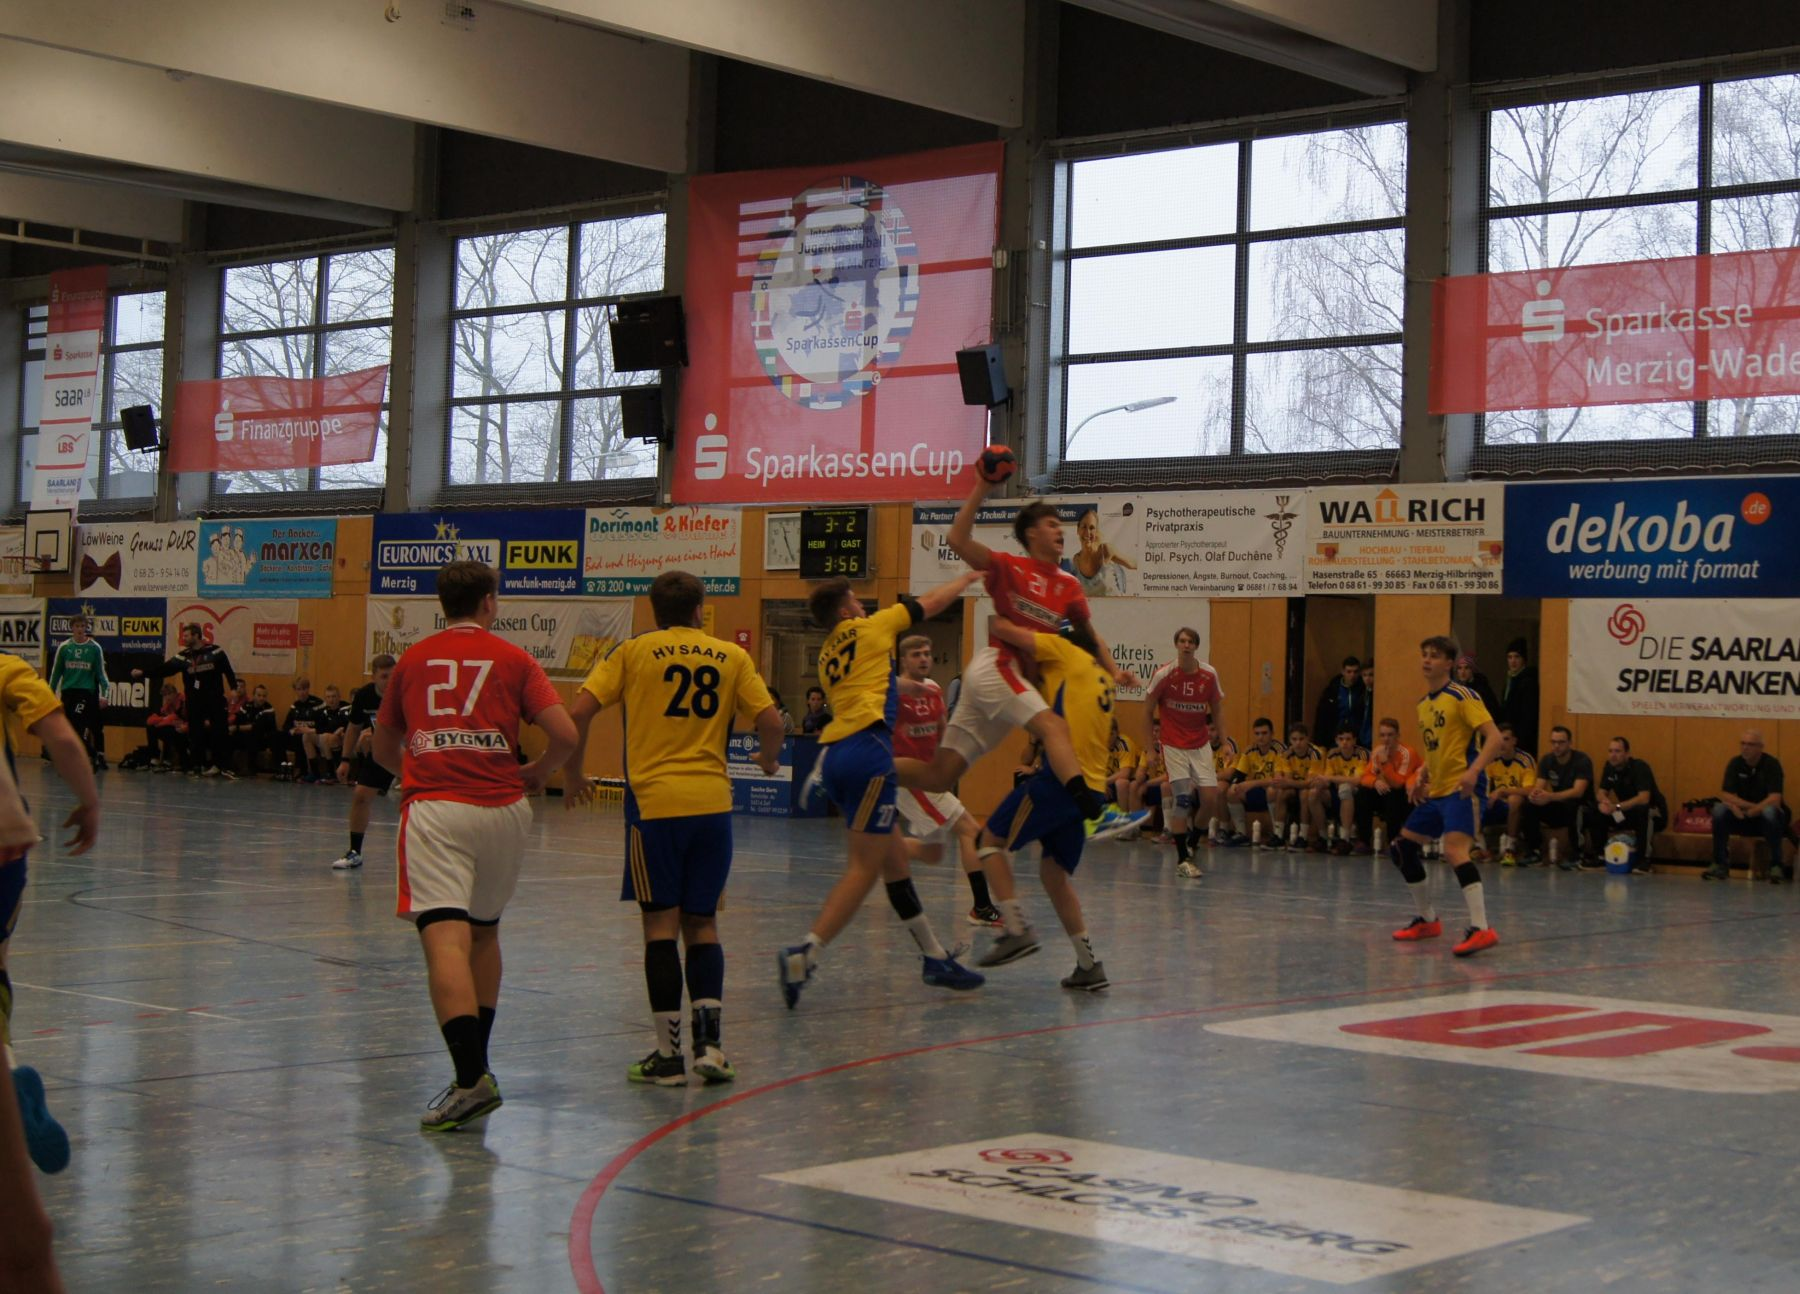 32. Sparkassen-Cup in Merzig